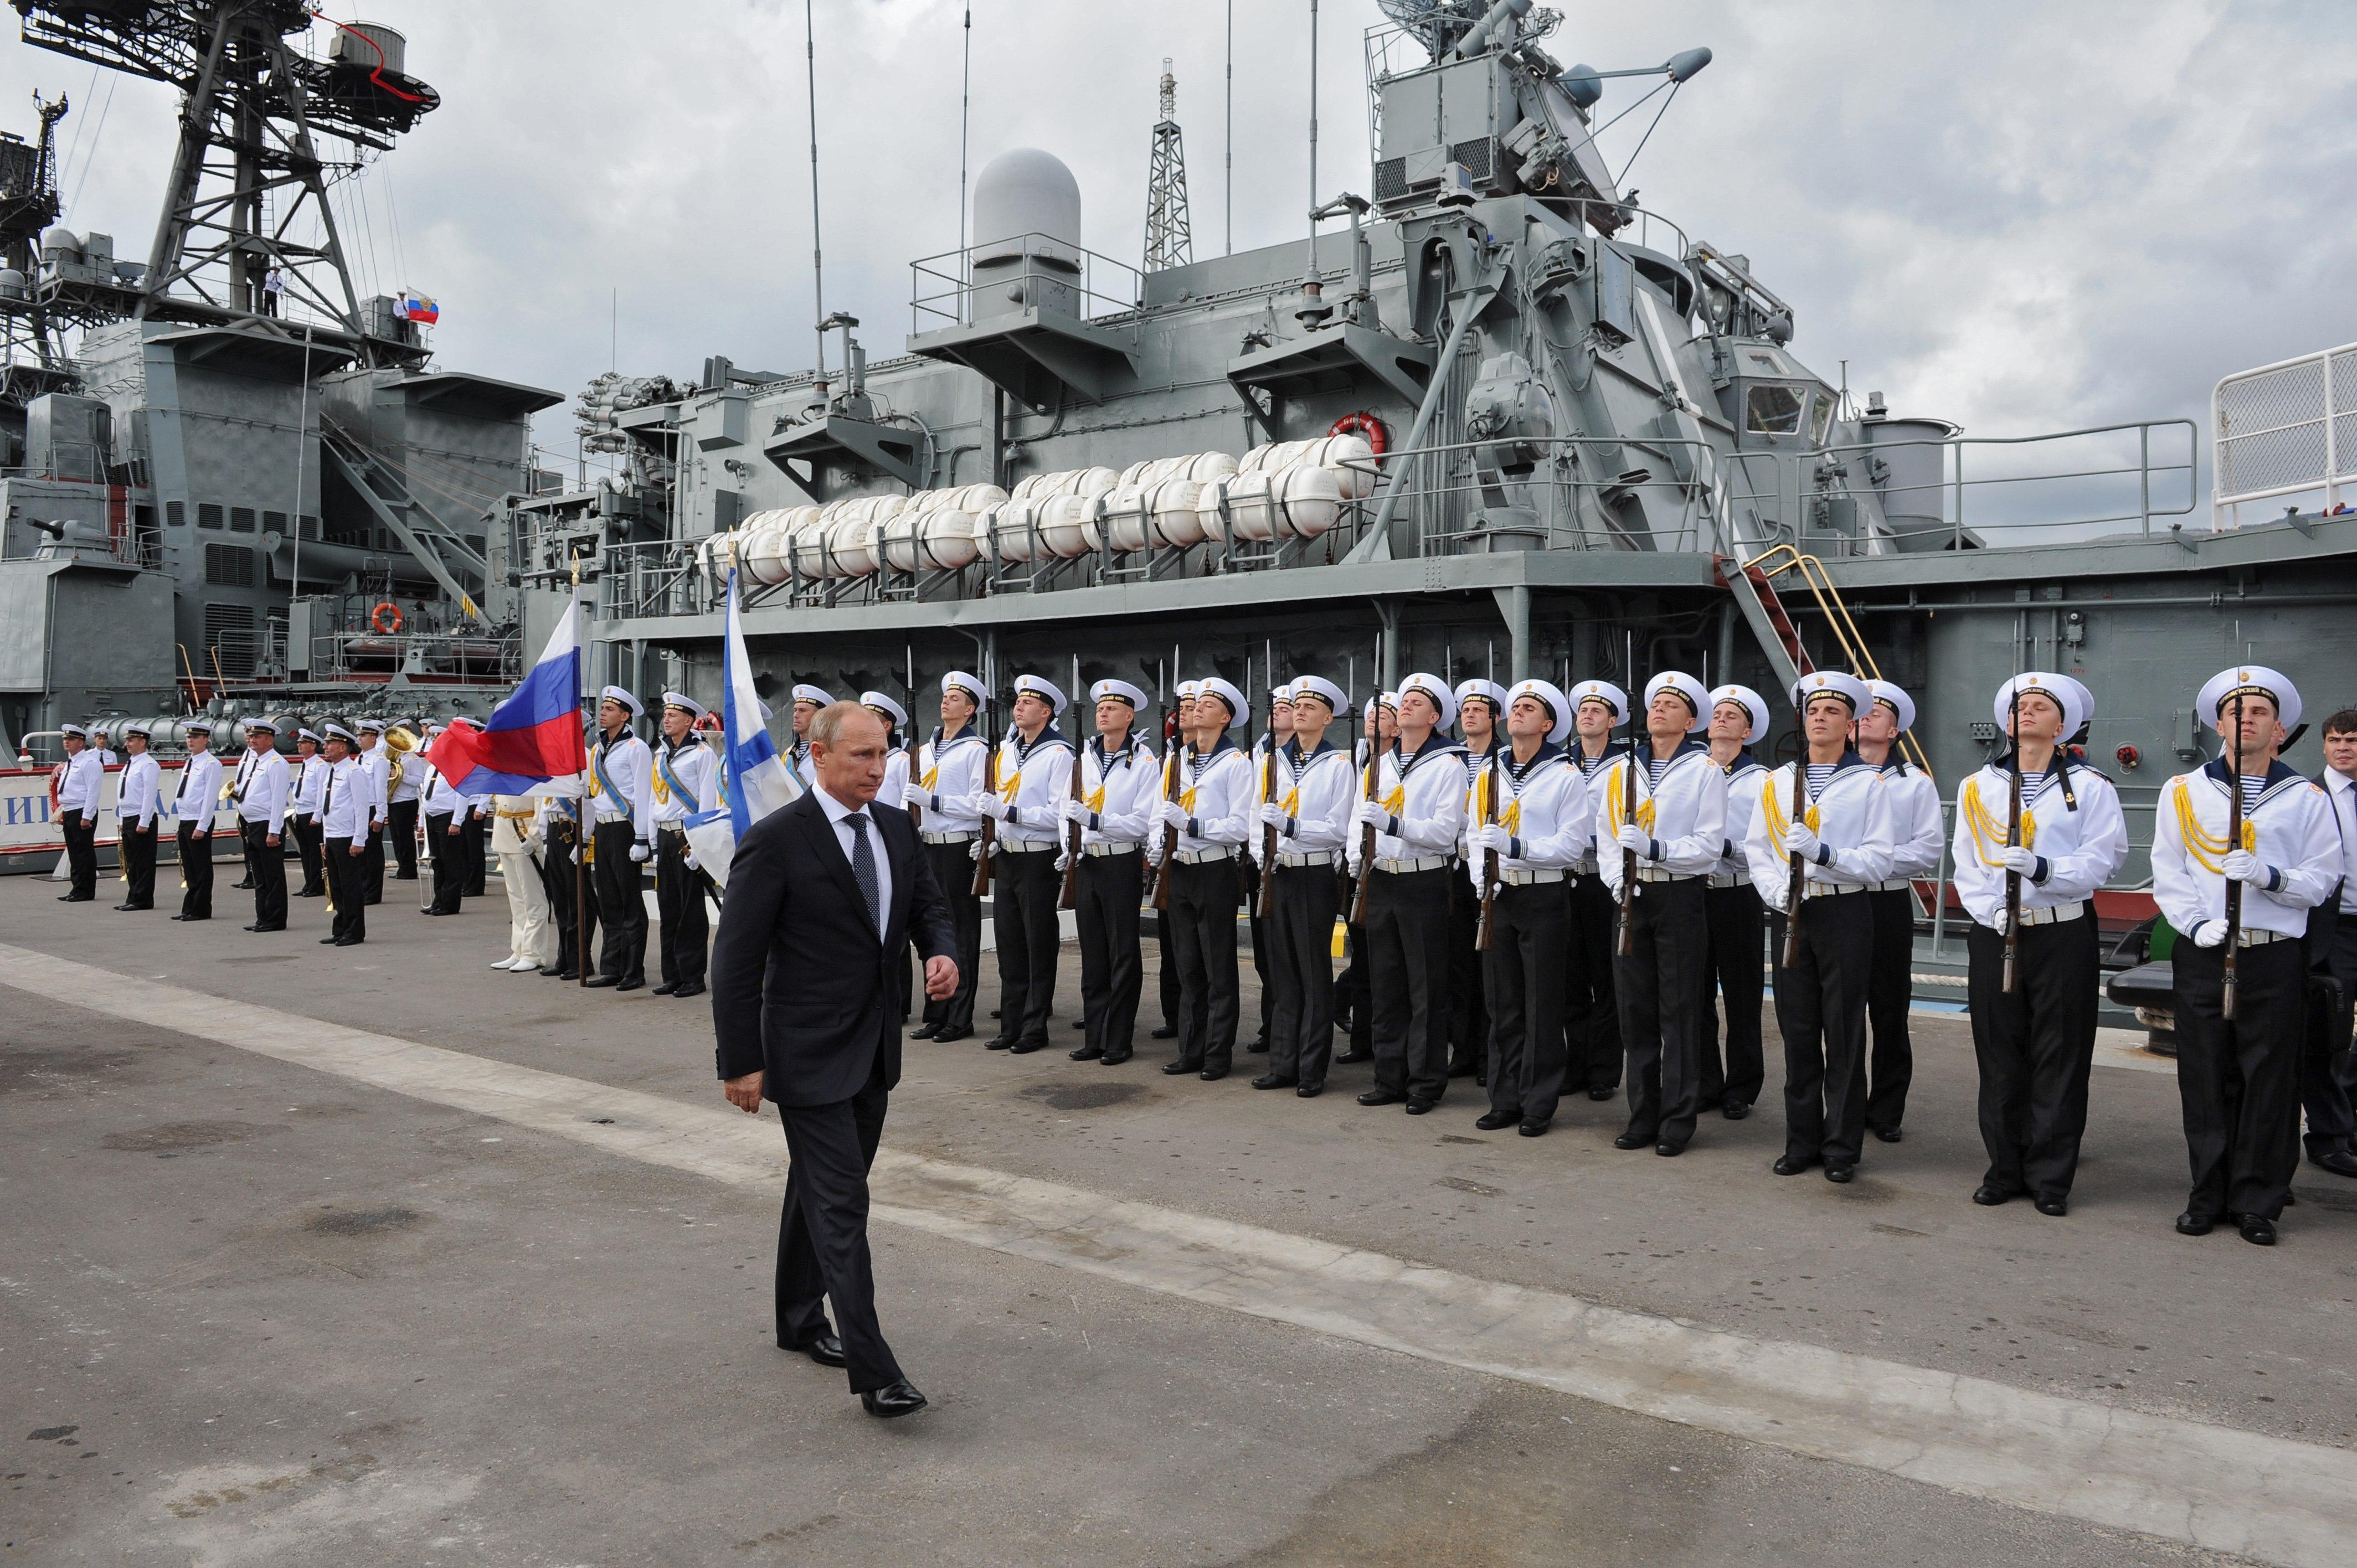 Древнего Востока видео новости армии и флота россии за сегодня рассказали историю собаки